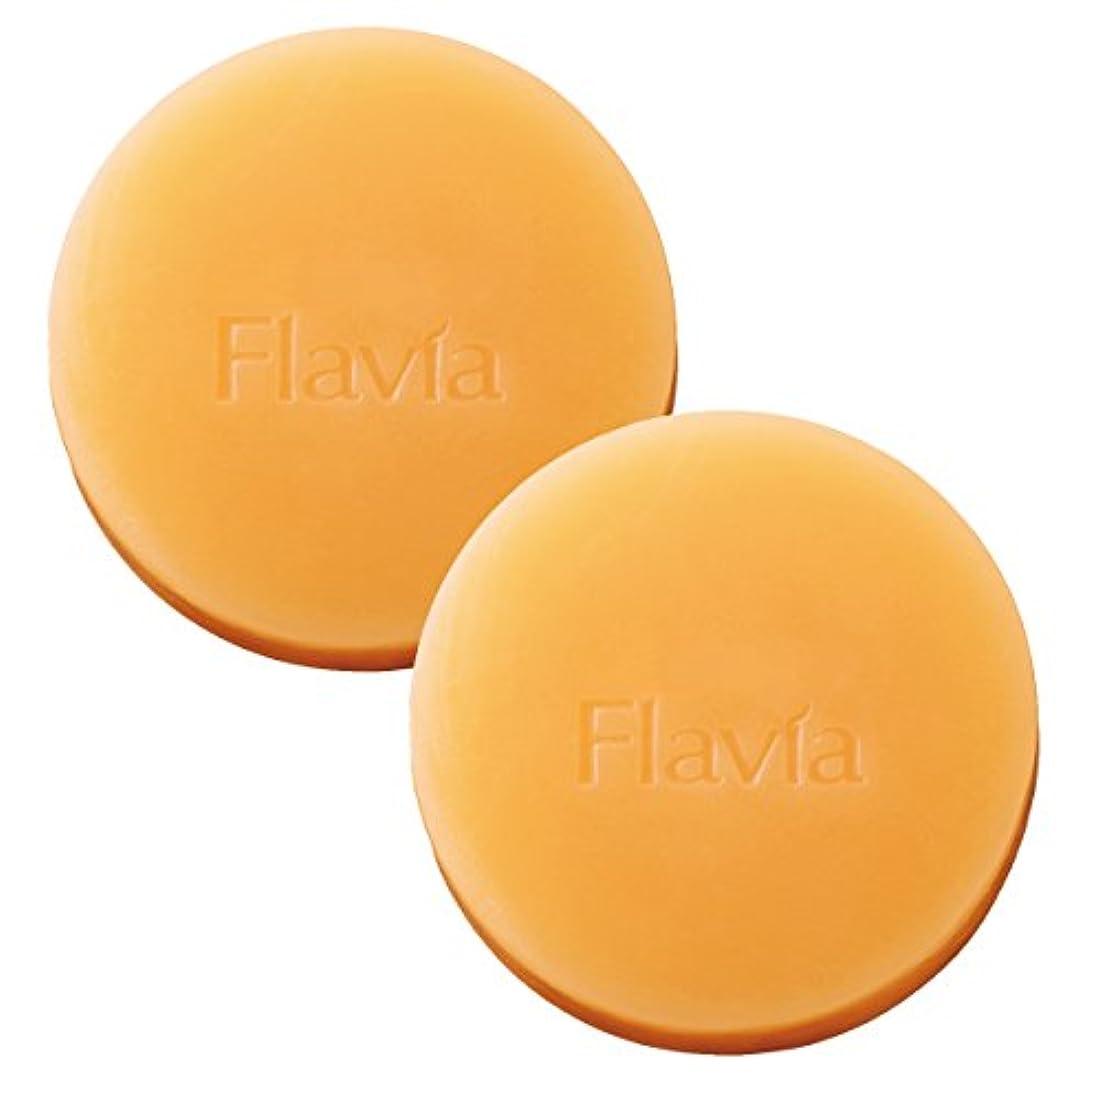 召集する湿った予防接種フォーマルクライン 薬用 フラビア ソープ 夜用 2個セット 洗顔 石けん